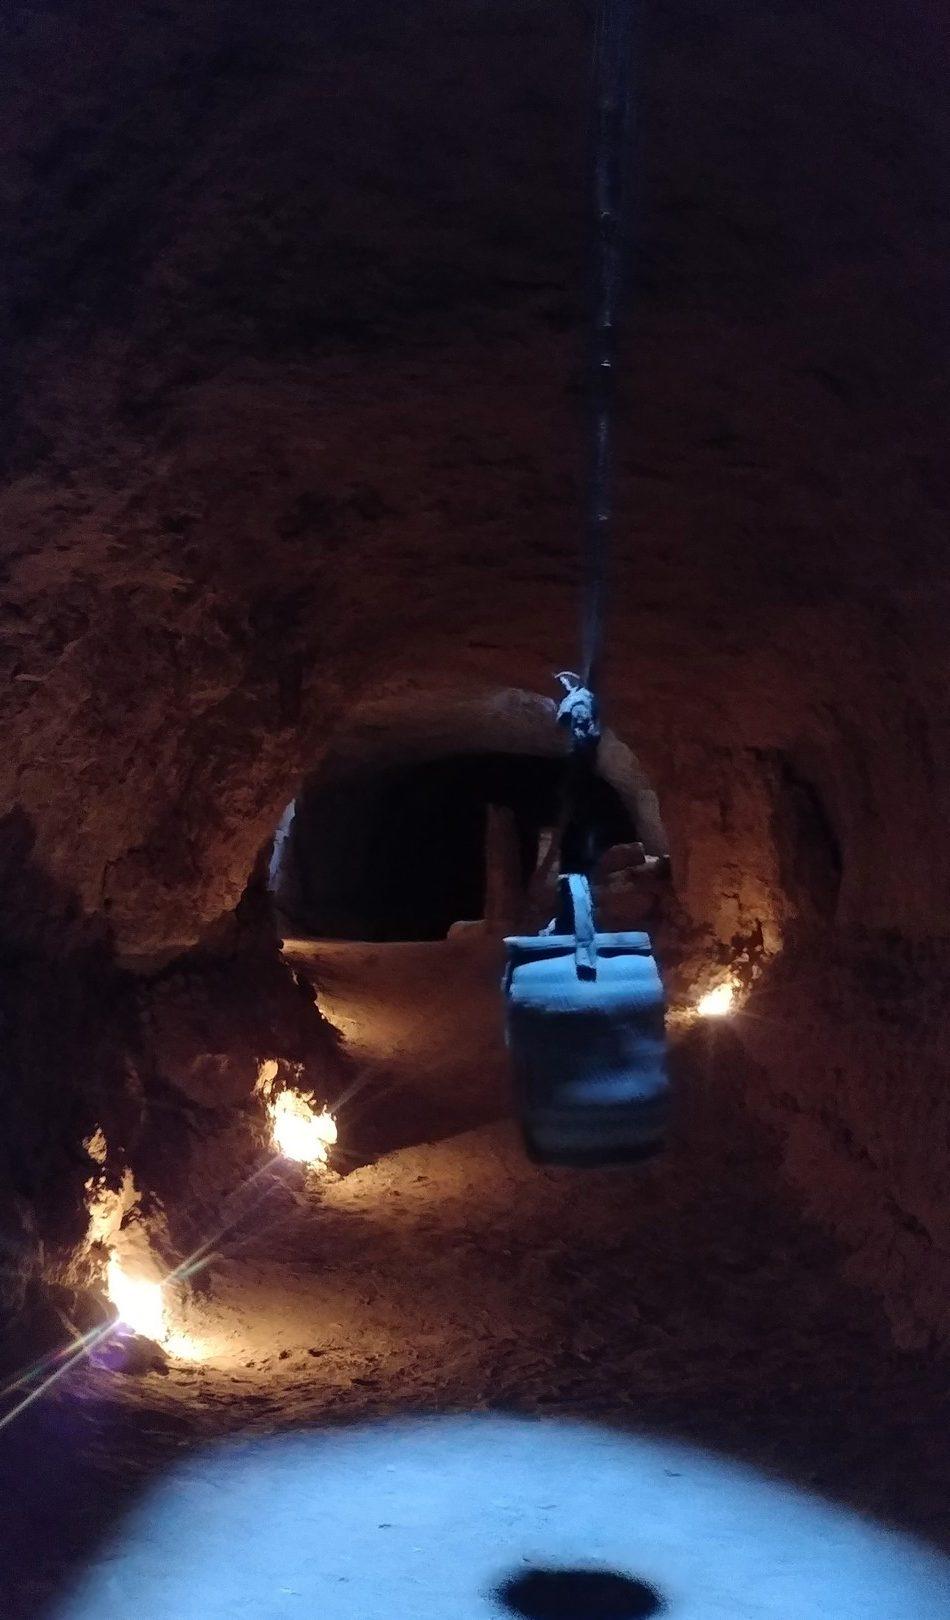 Maroc - Dans les tunnels d'une khetarra (canaux d'irrigation souterrains)